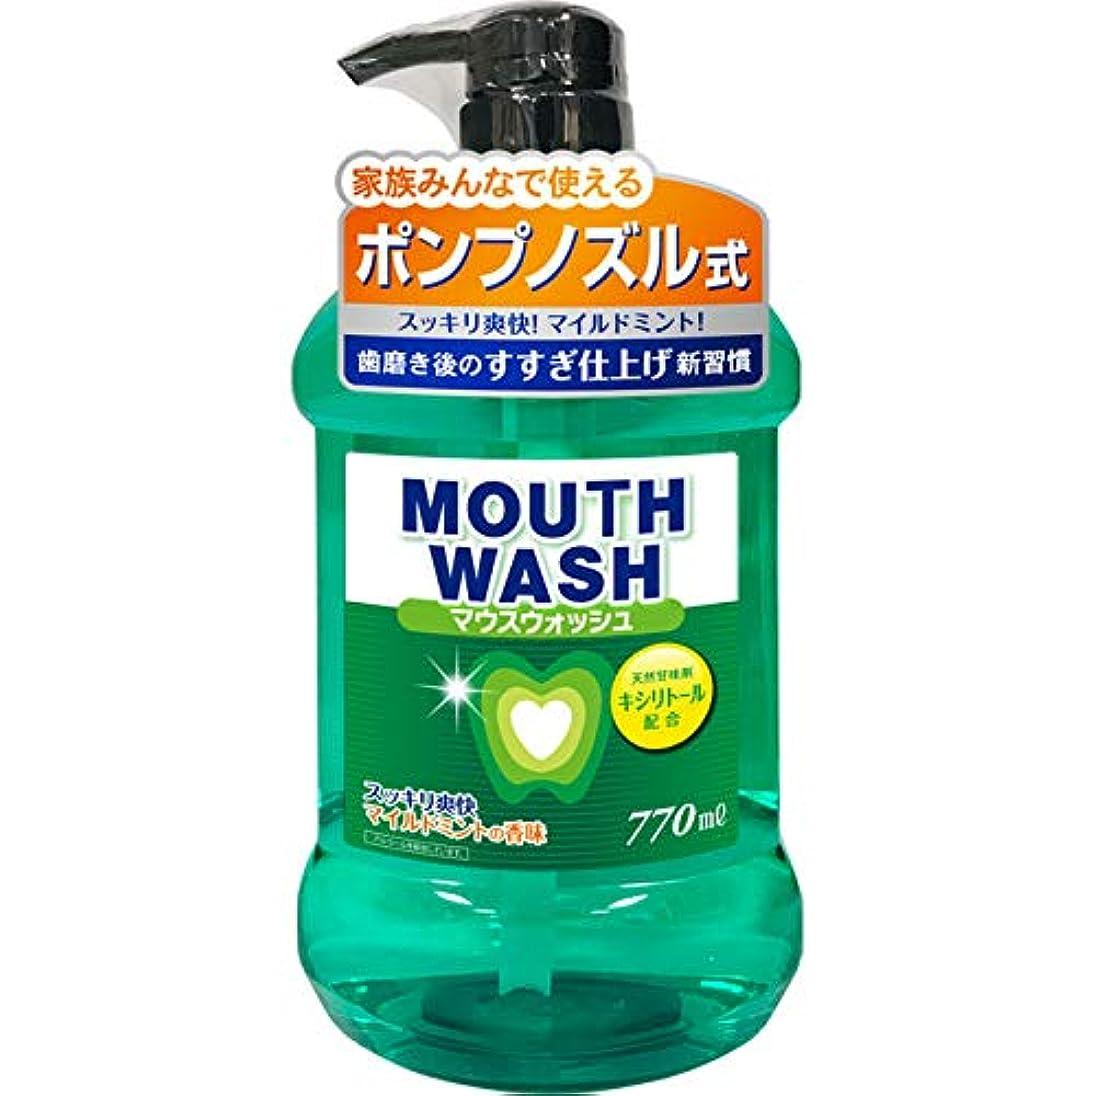 運ぶほうき補体G-クエスト オールデントマウスウォッシュ マイルドミントの香味 770ml